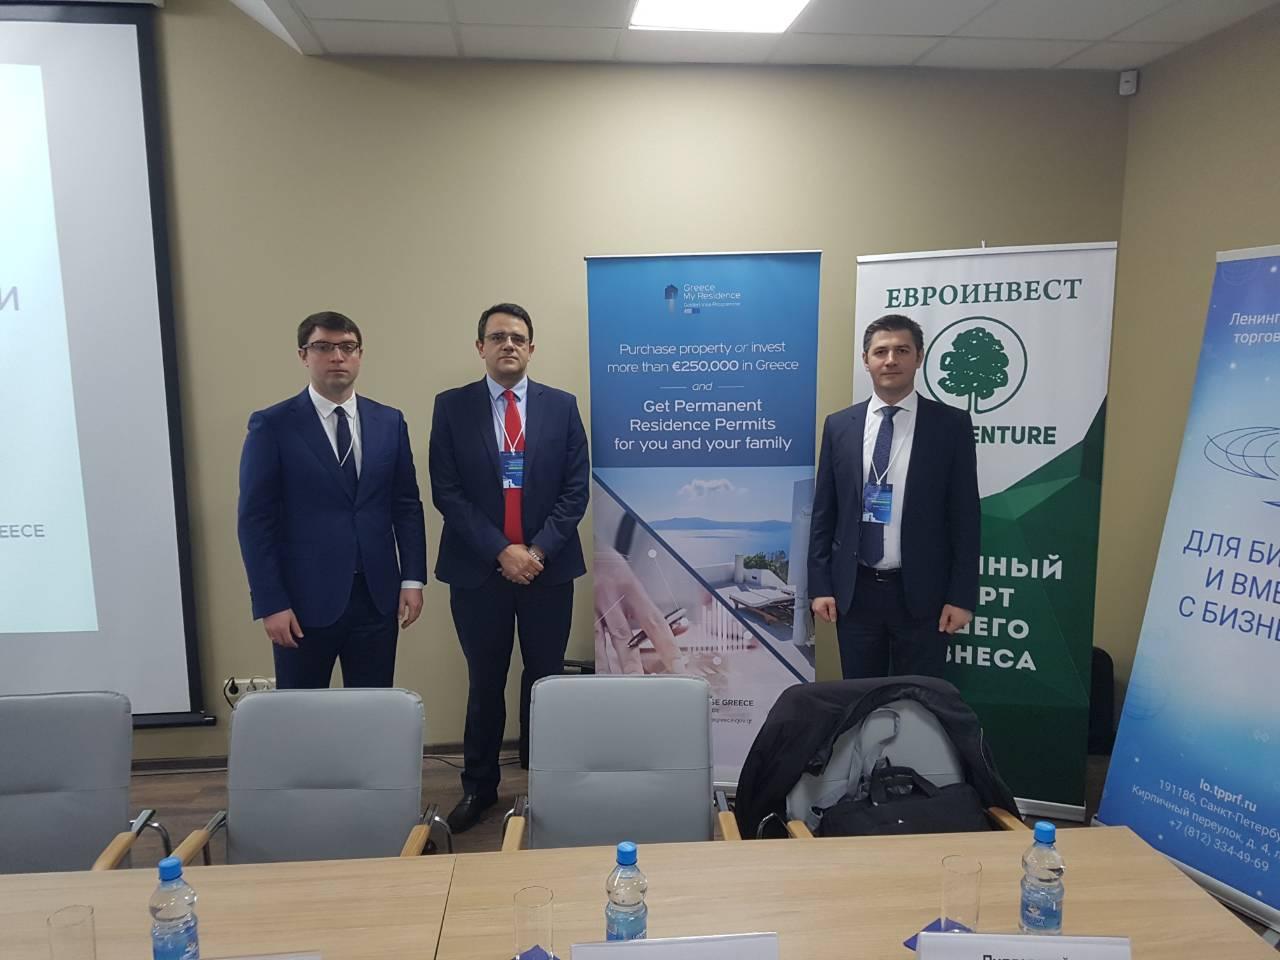 Компания Grekodom Development приняла участие в инвестиционном форуме